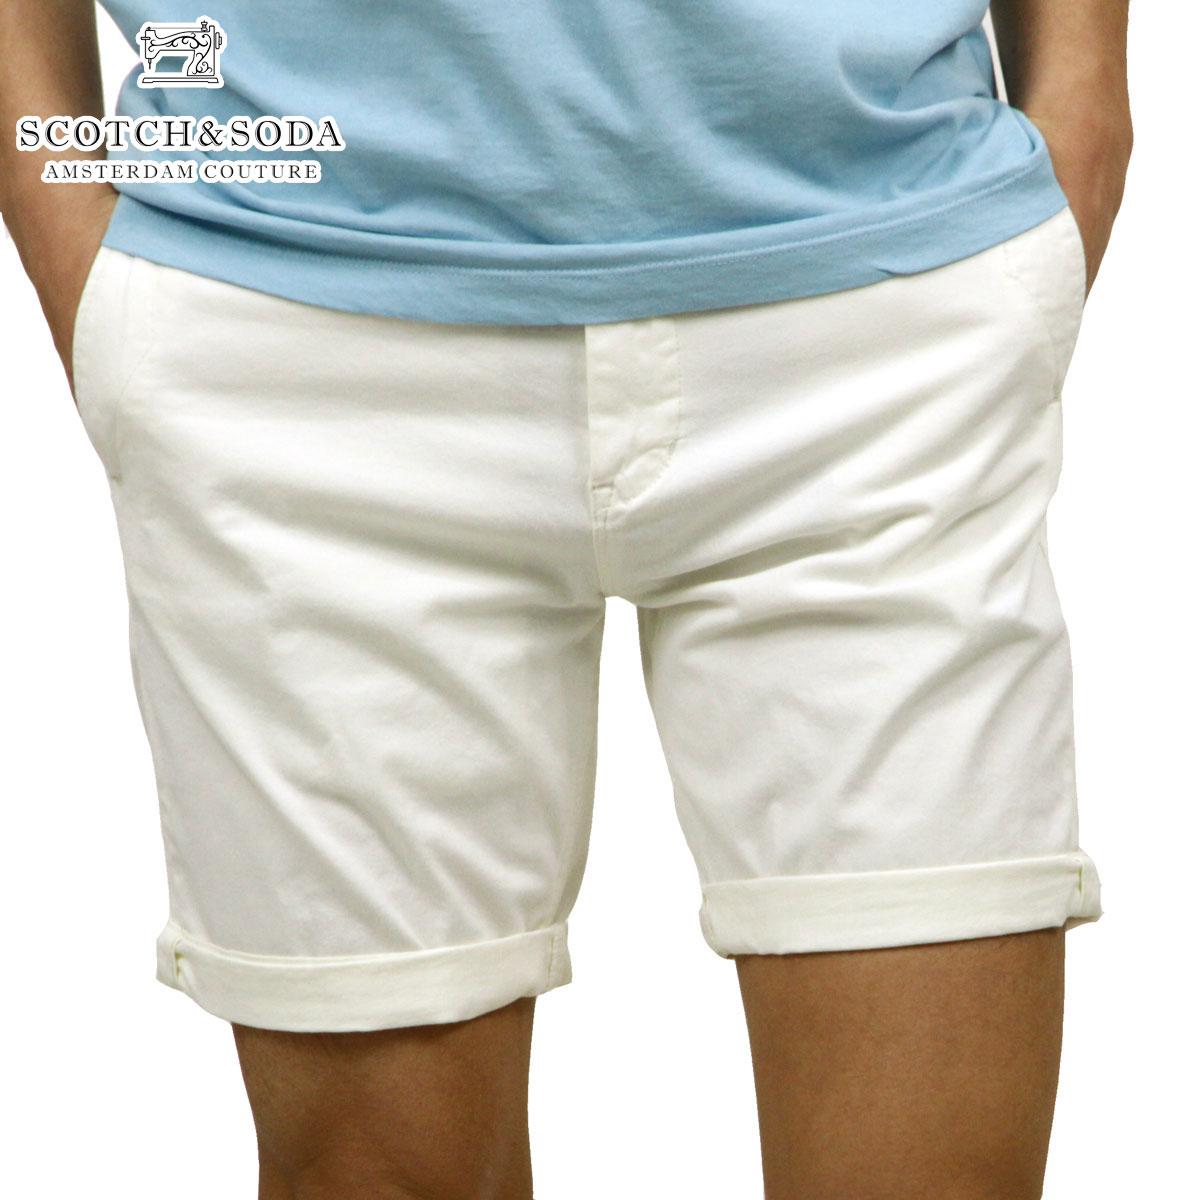 スコッチアンドソーダ SCOTCH&SODA 正規販売店 メンズ チノ ハーフパンツ CLASSIC CHINO SHORT PANTS 148906 0102 DENIM WHITE